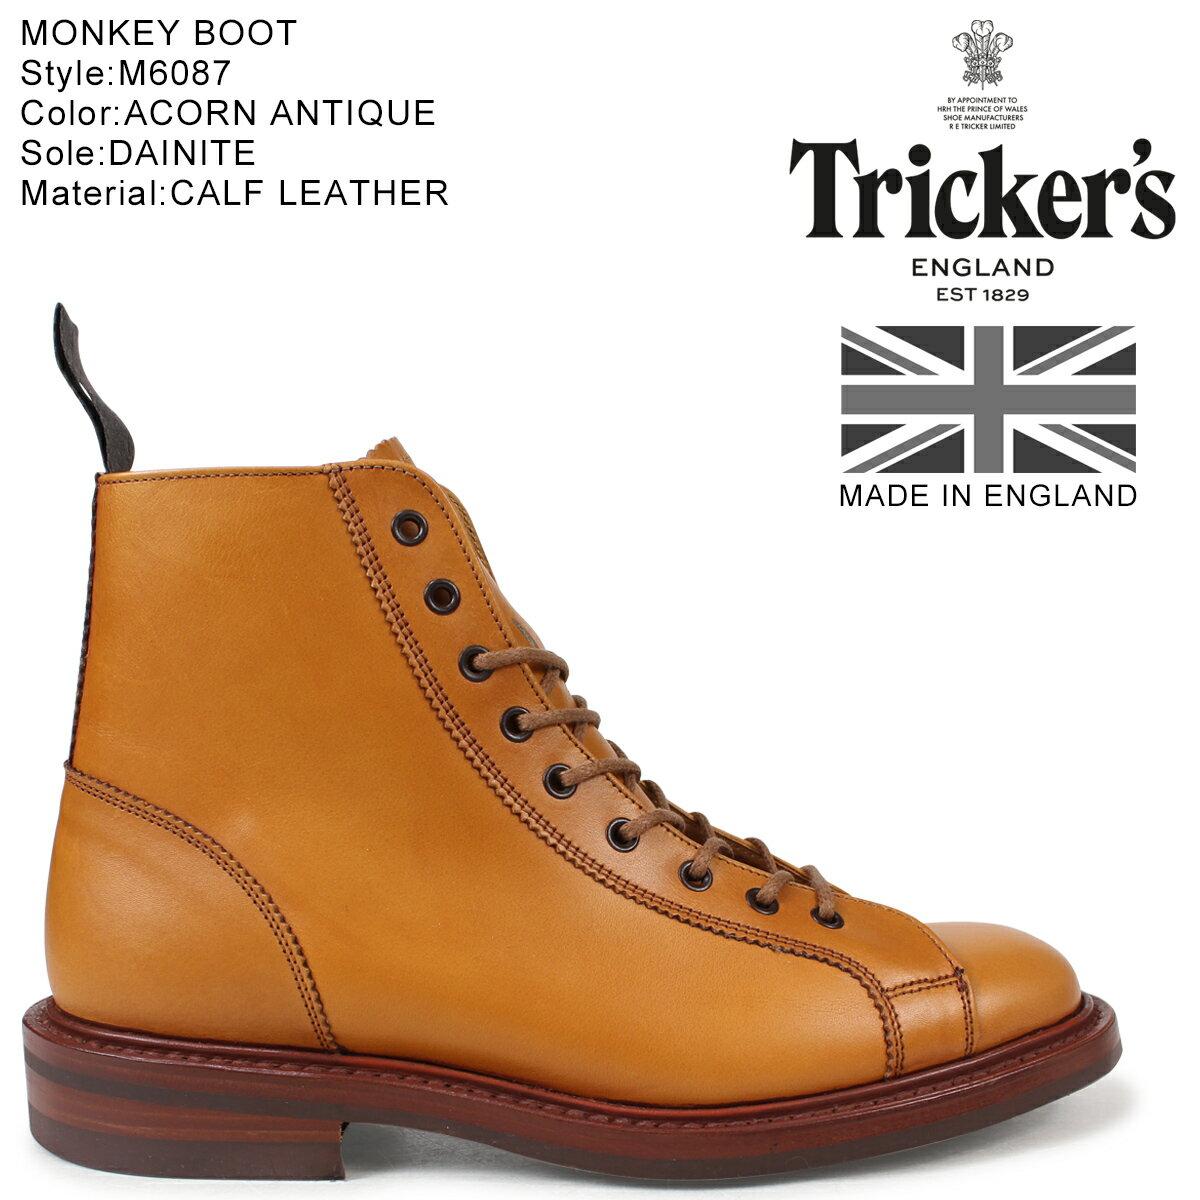 【最大1000円OFFクーポン配布】 Tricker's トリッカーズ モンキーブーツ MONKEY BOOT M6087 5ワイズ メンズ